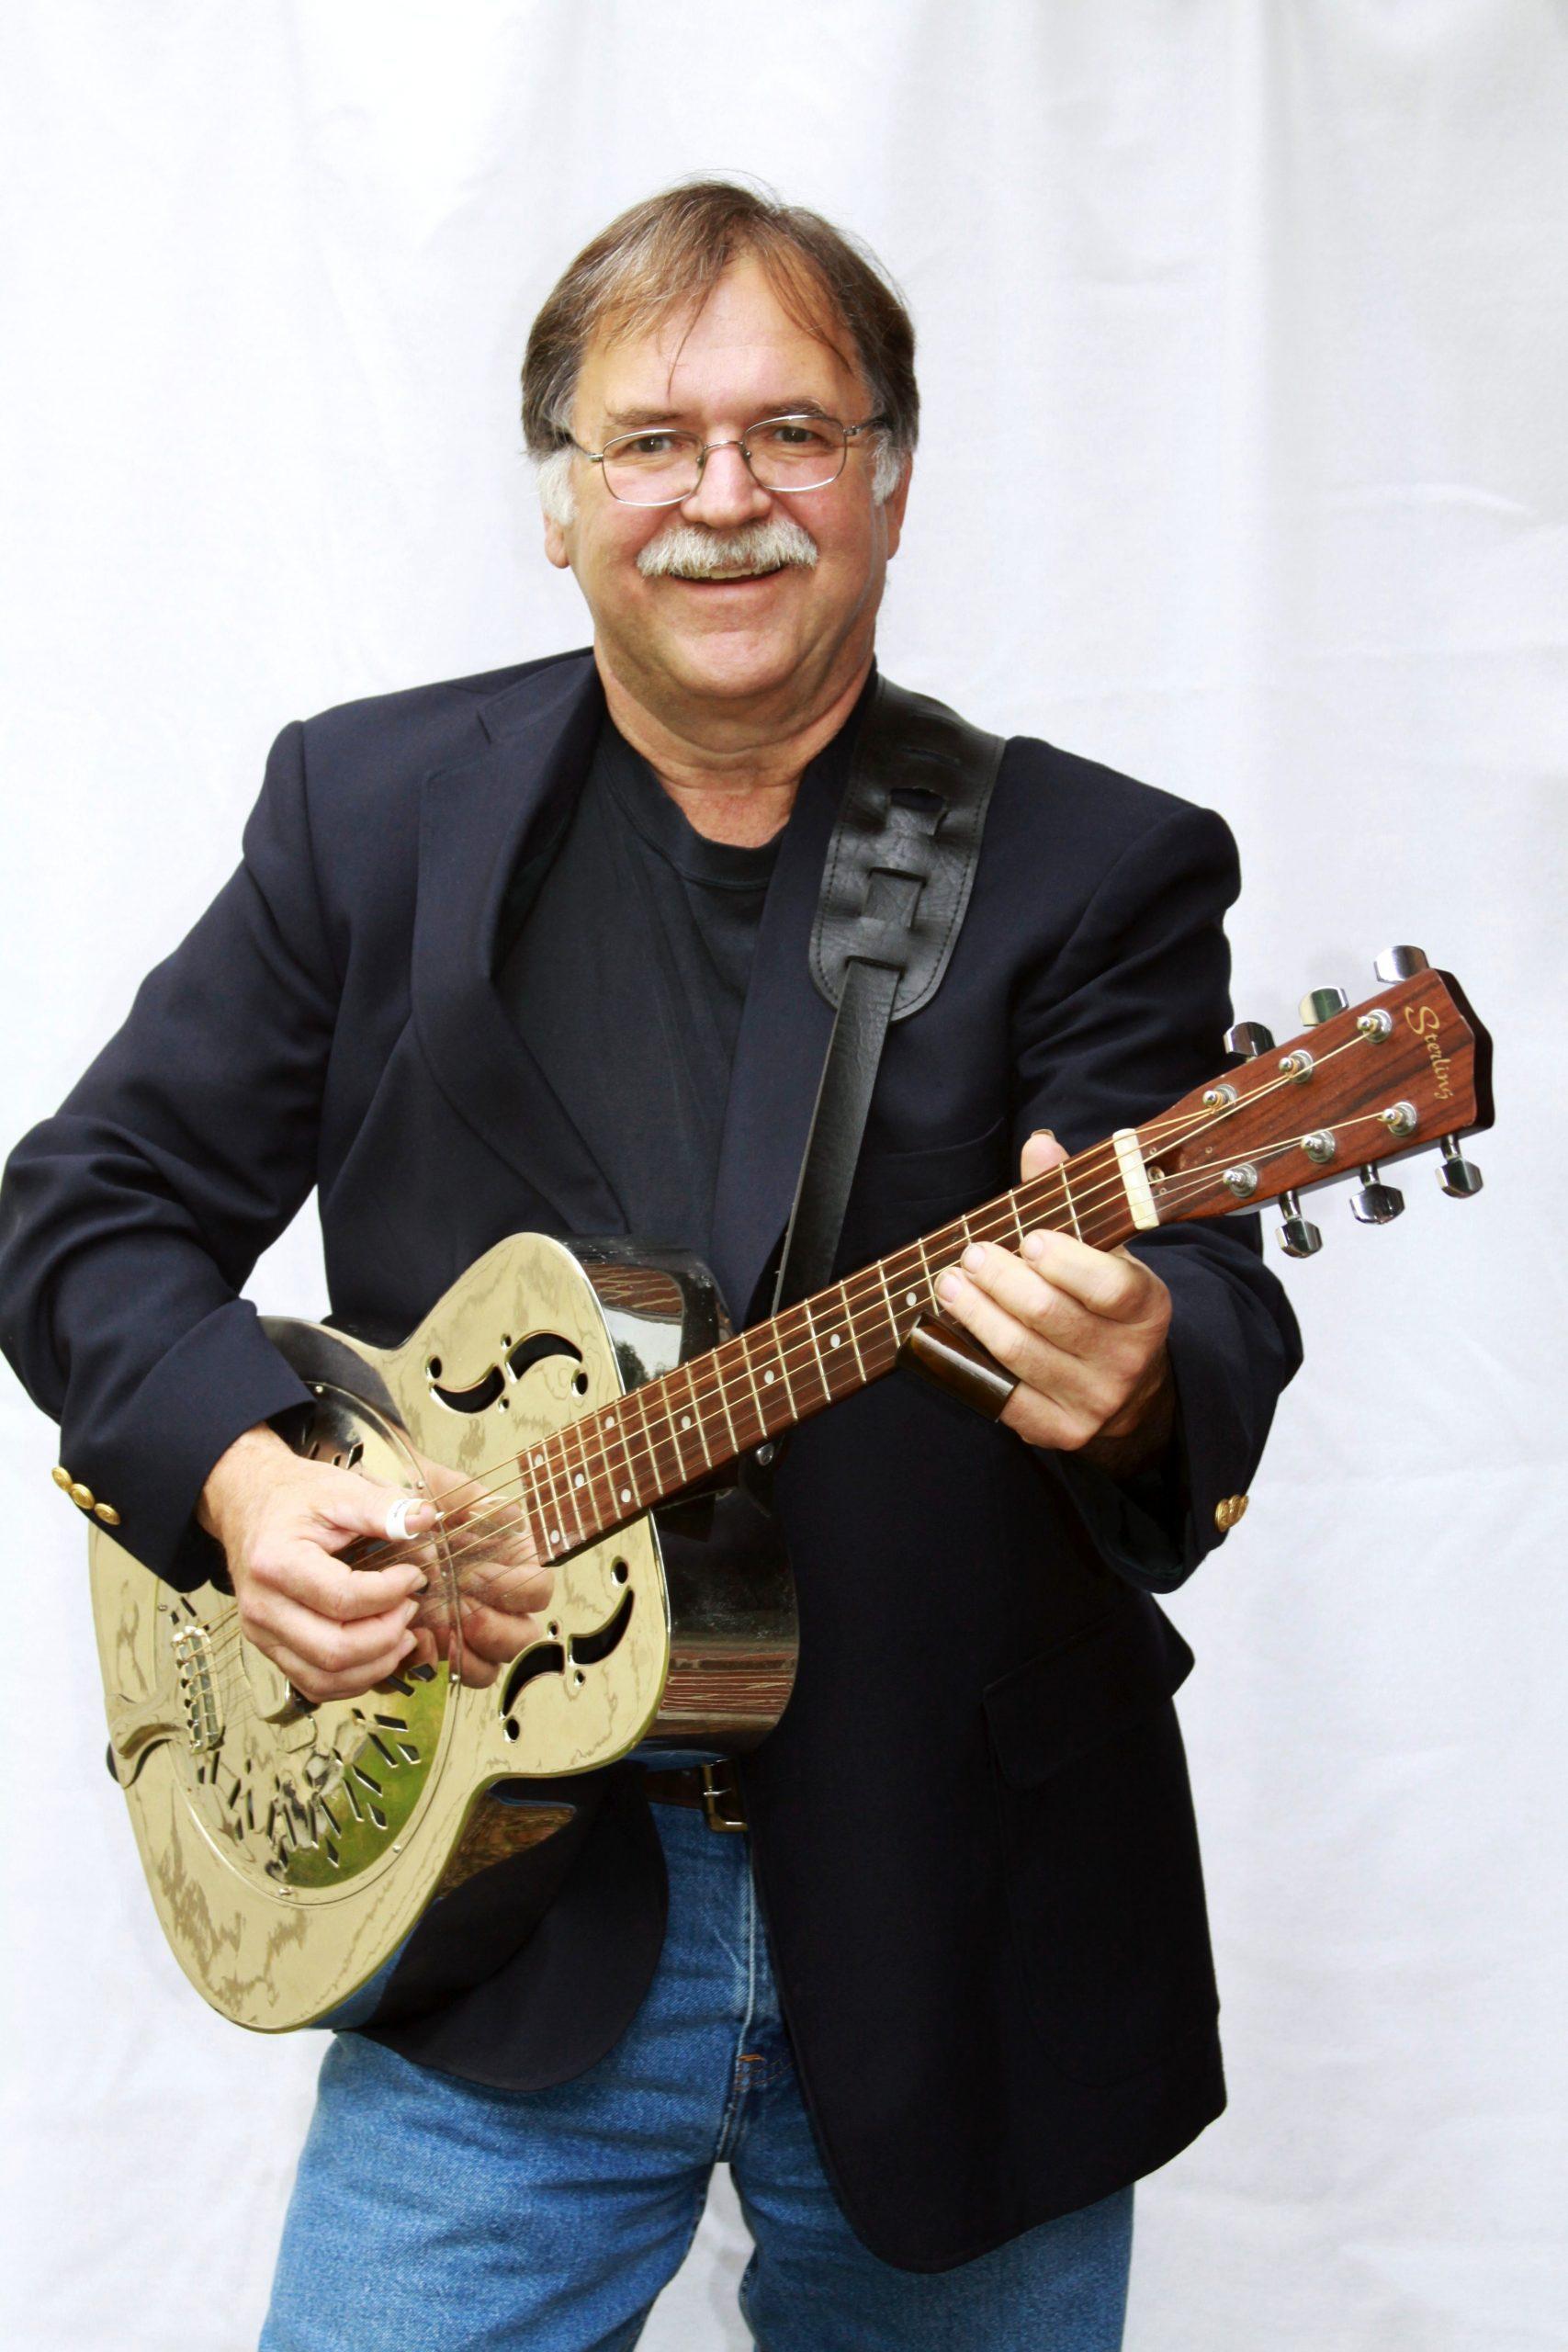 Jim Gallant press photo